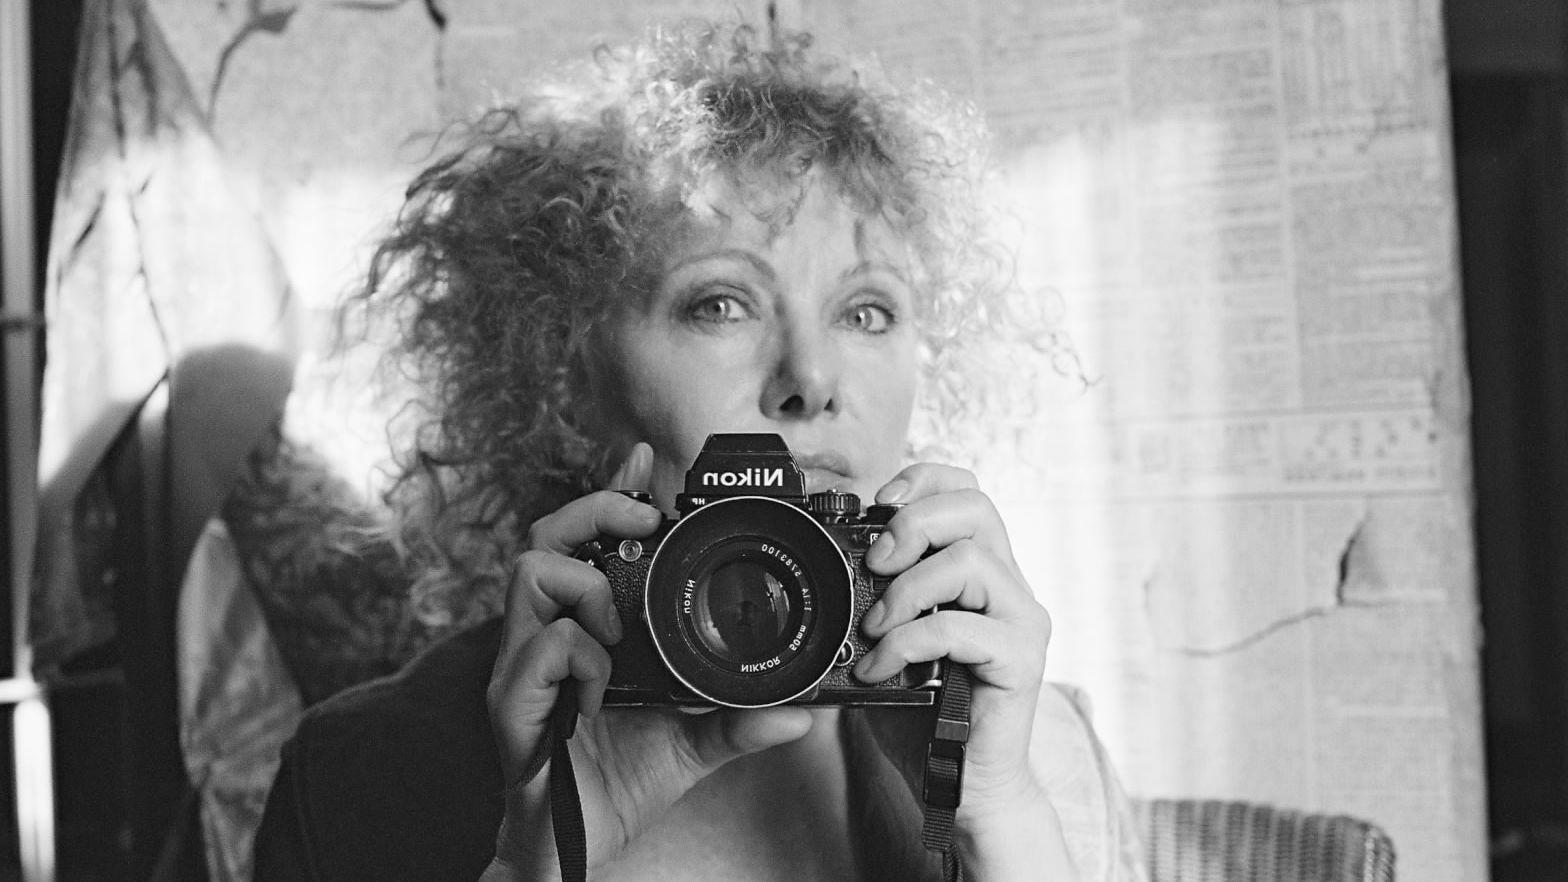 Isolde Ohlbaum, Selbstporträt mit Kamera vor einem hellen Stoffhintergrund (schwarzweiß)